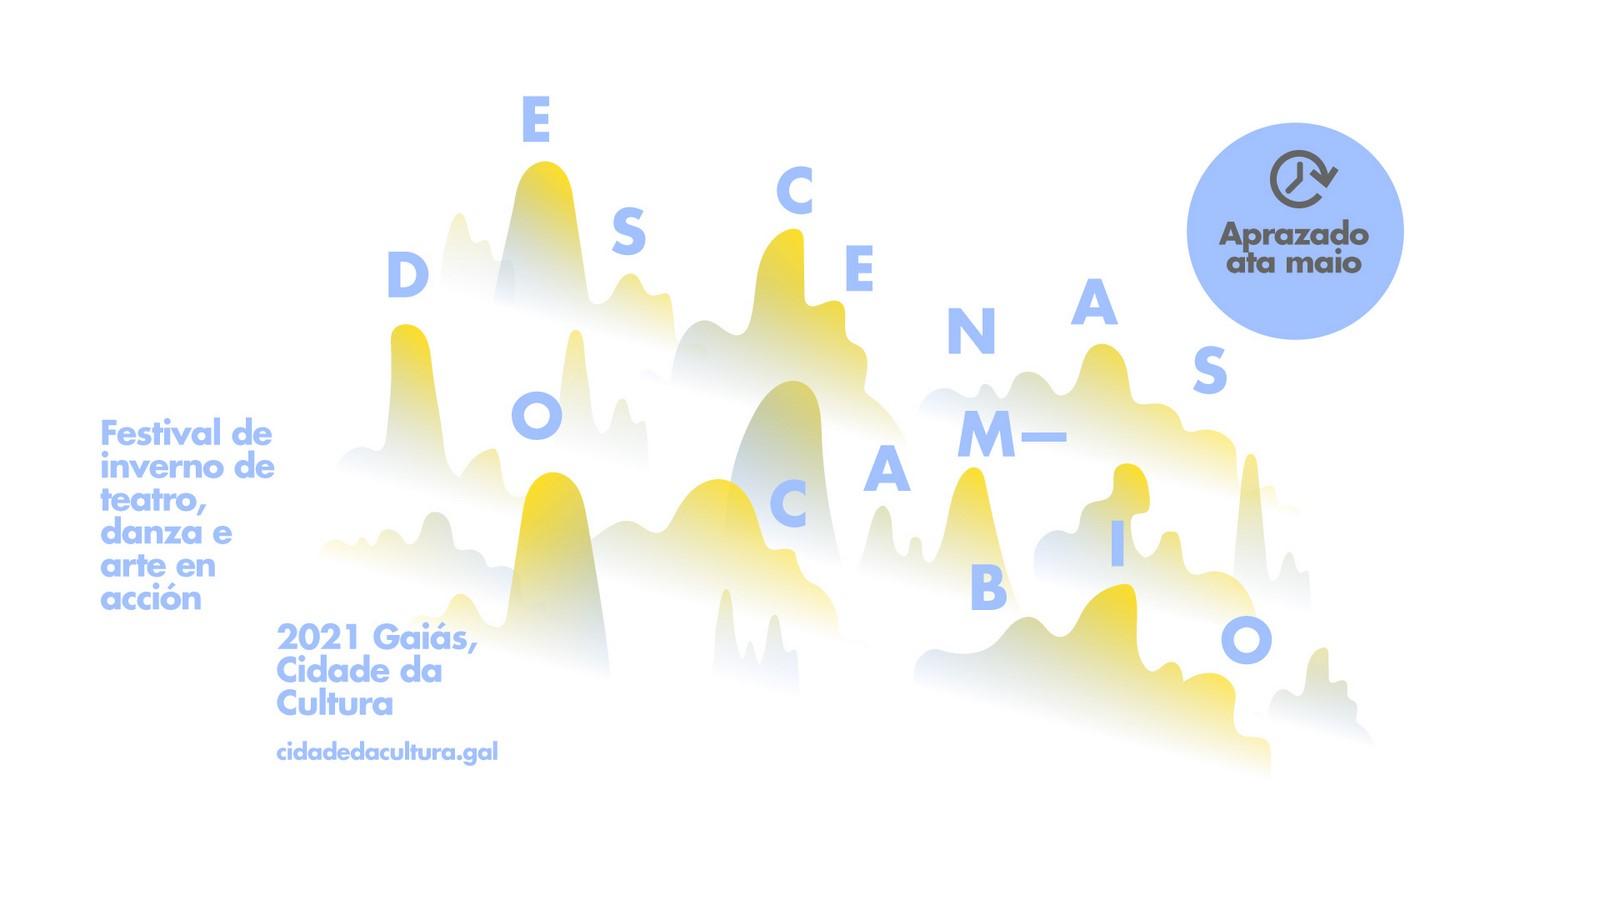 A Cidade da Cultura de Galicia reprograma o festival Escenas do Cambio para maio ante a actual situación sanitaria